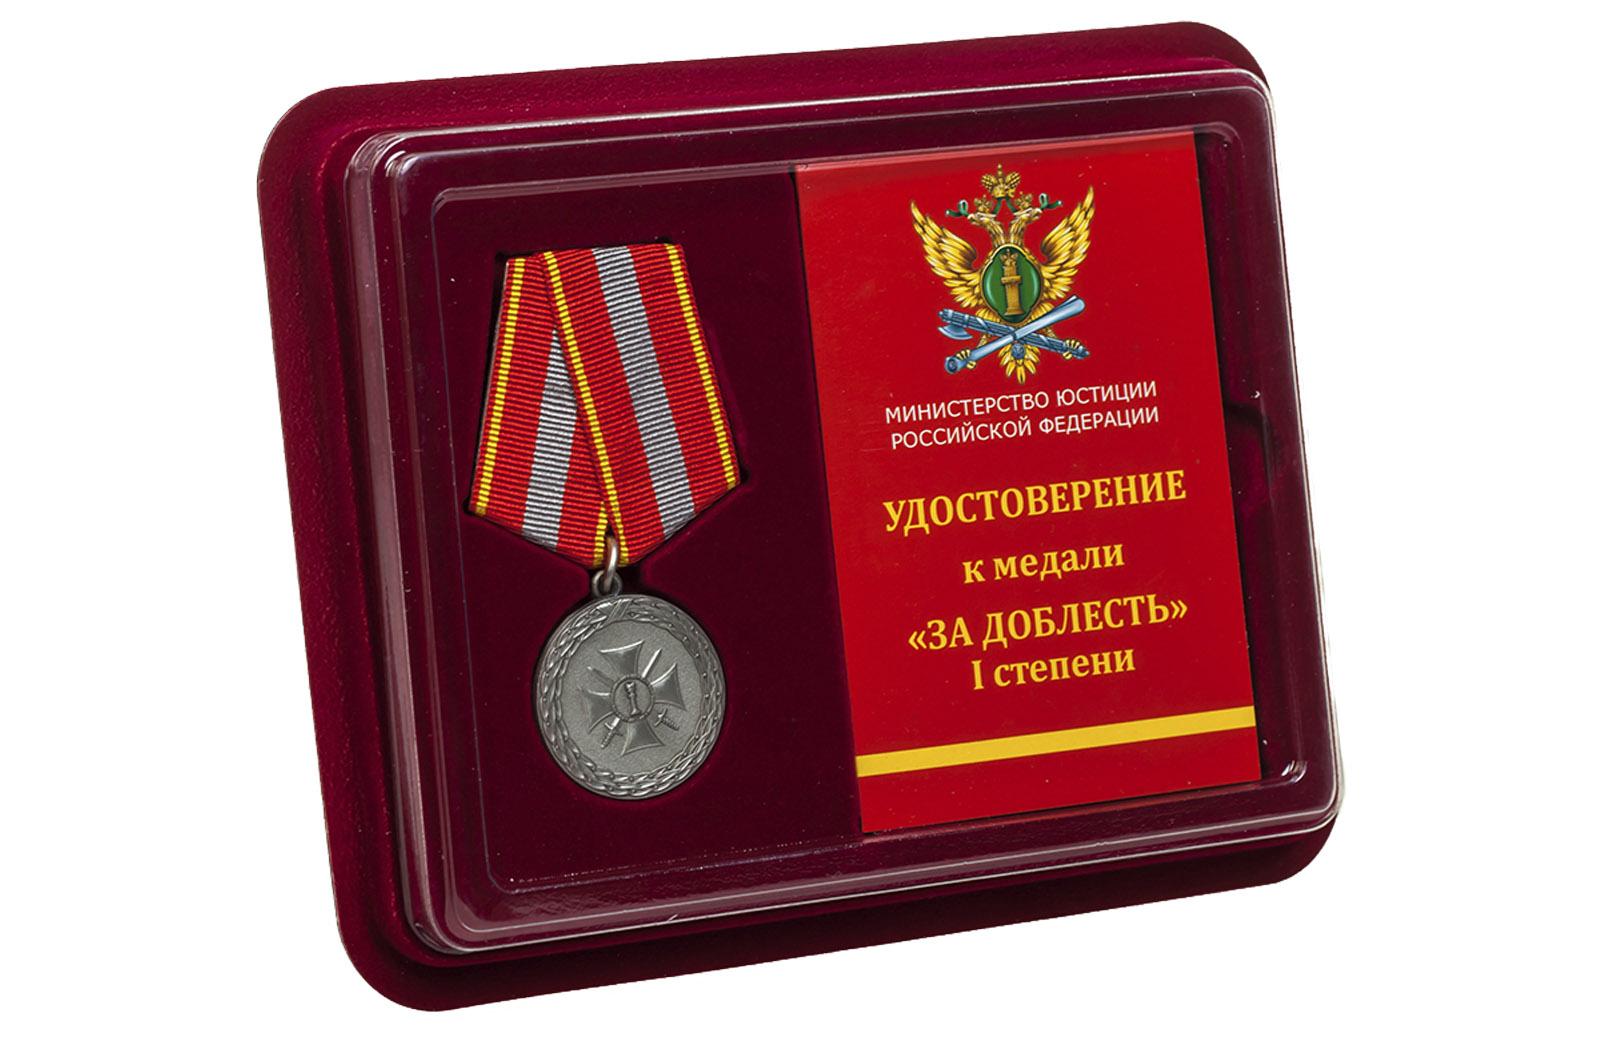 Купить медаль Министерства Юстиции РФ За доблесть 1 степени онлайн с доставкой